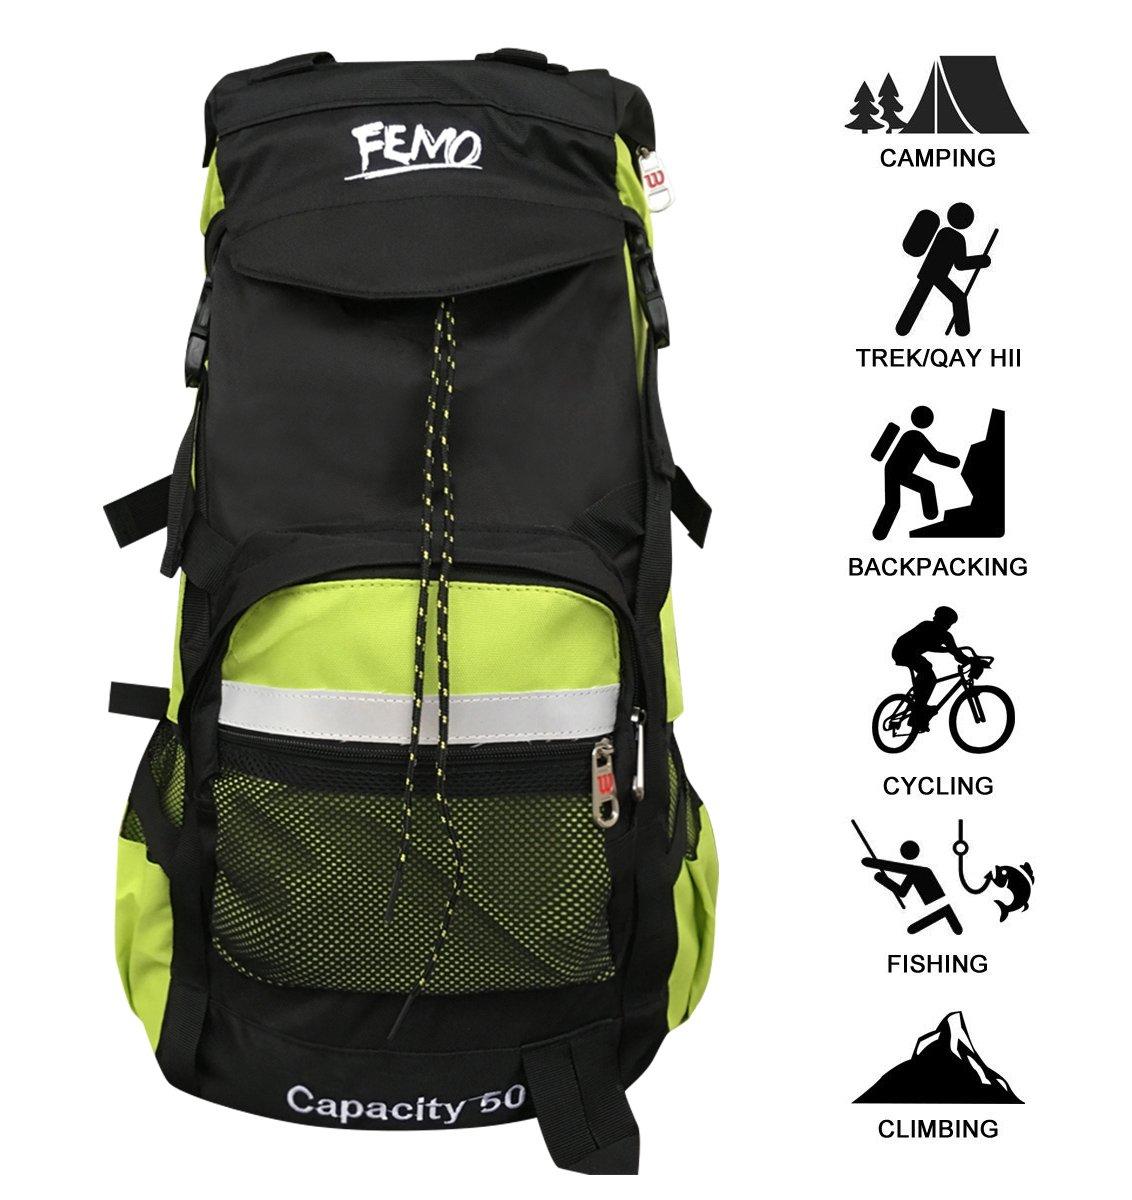 Kunpron Mochila de senderismo para hombre, 60 l, ligera, resistente al agua, negro, casual, grande, para viajes, camping, escalada, montañismo, deportes al aire libre